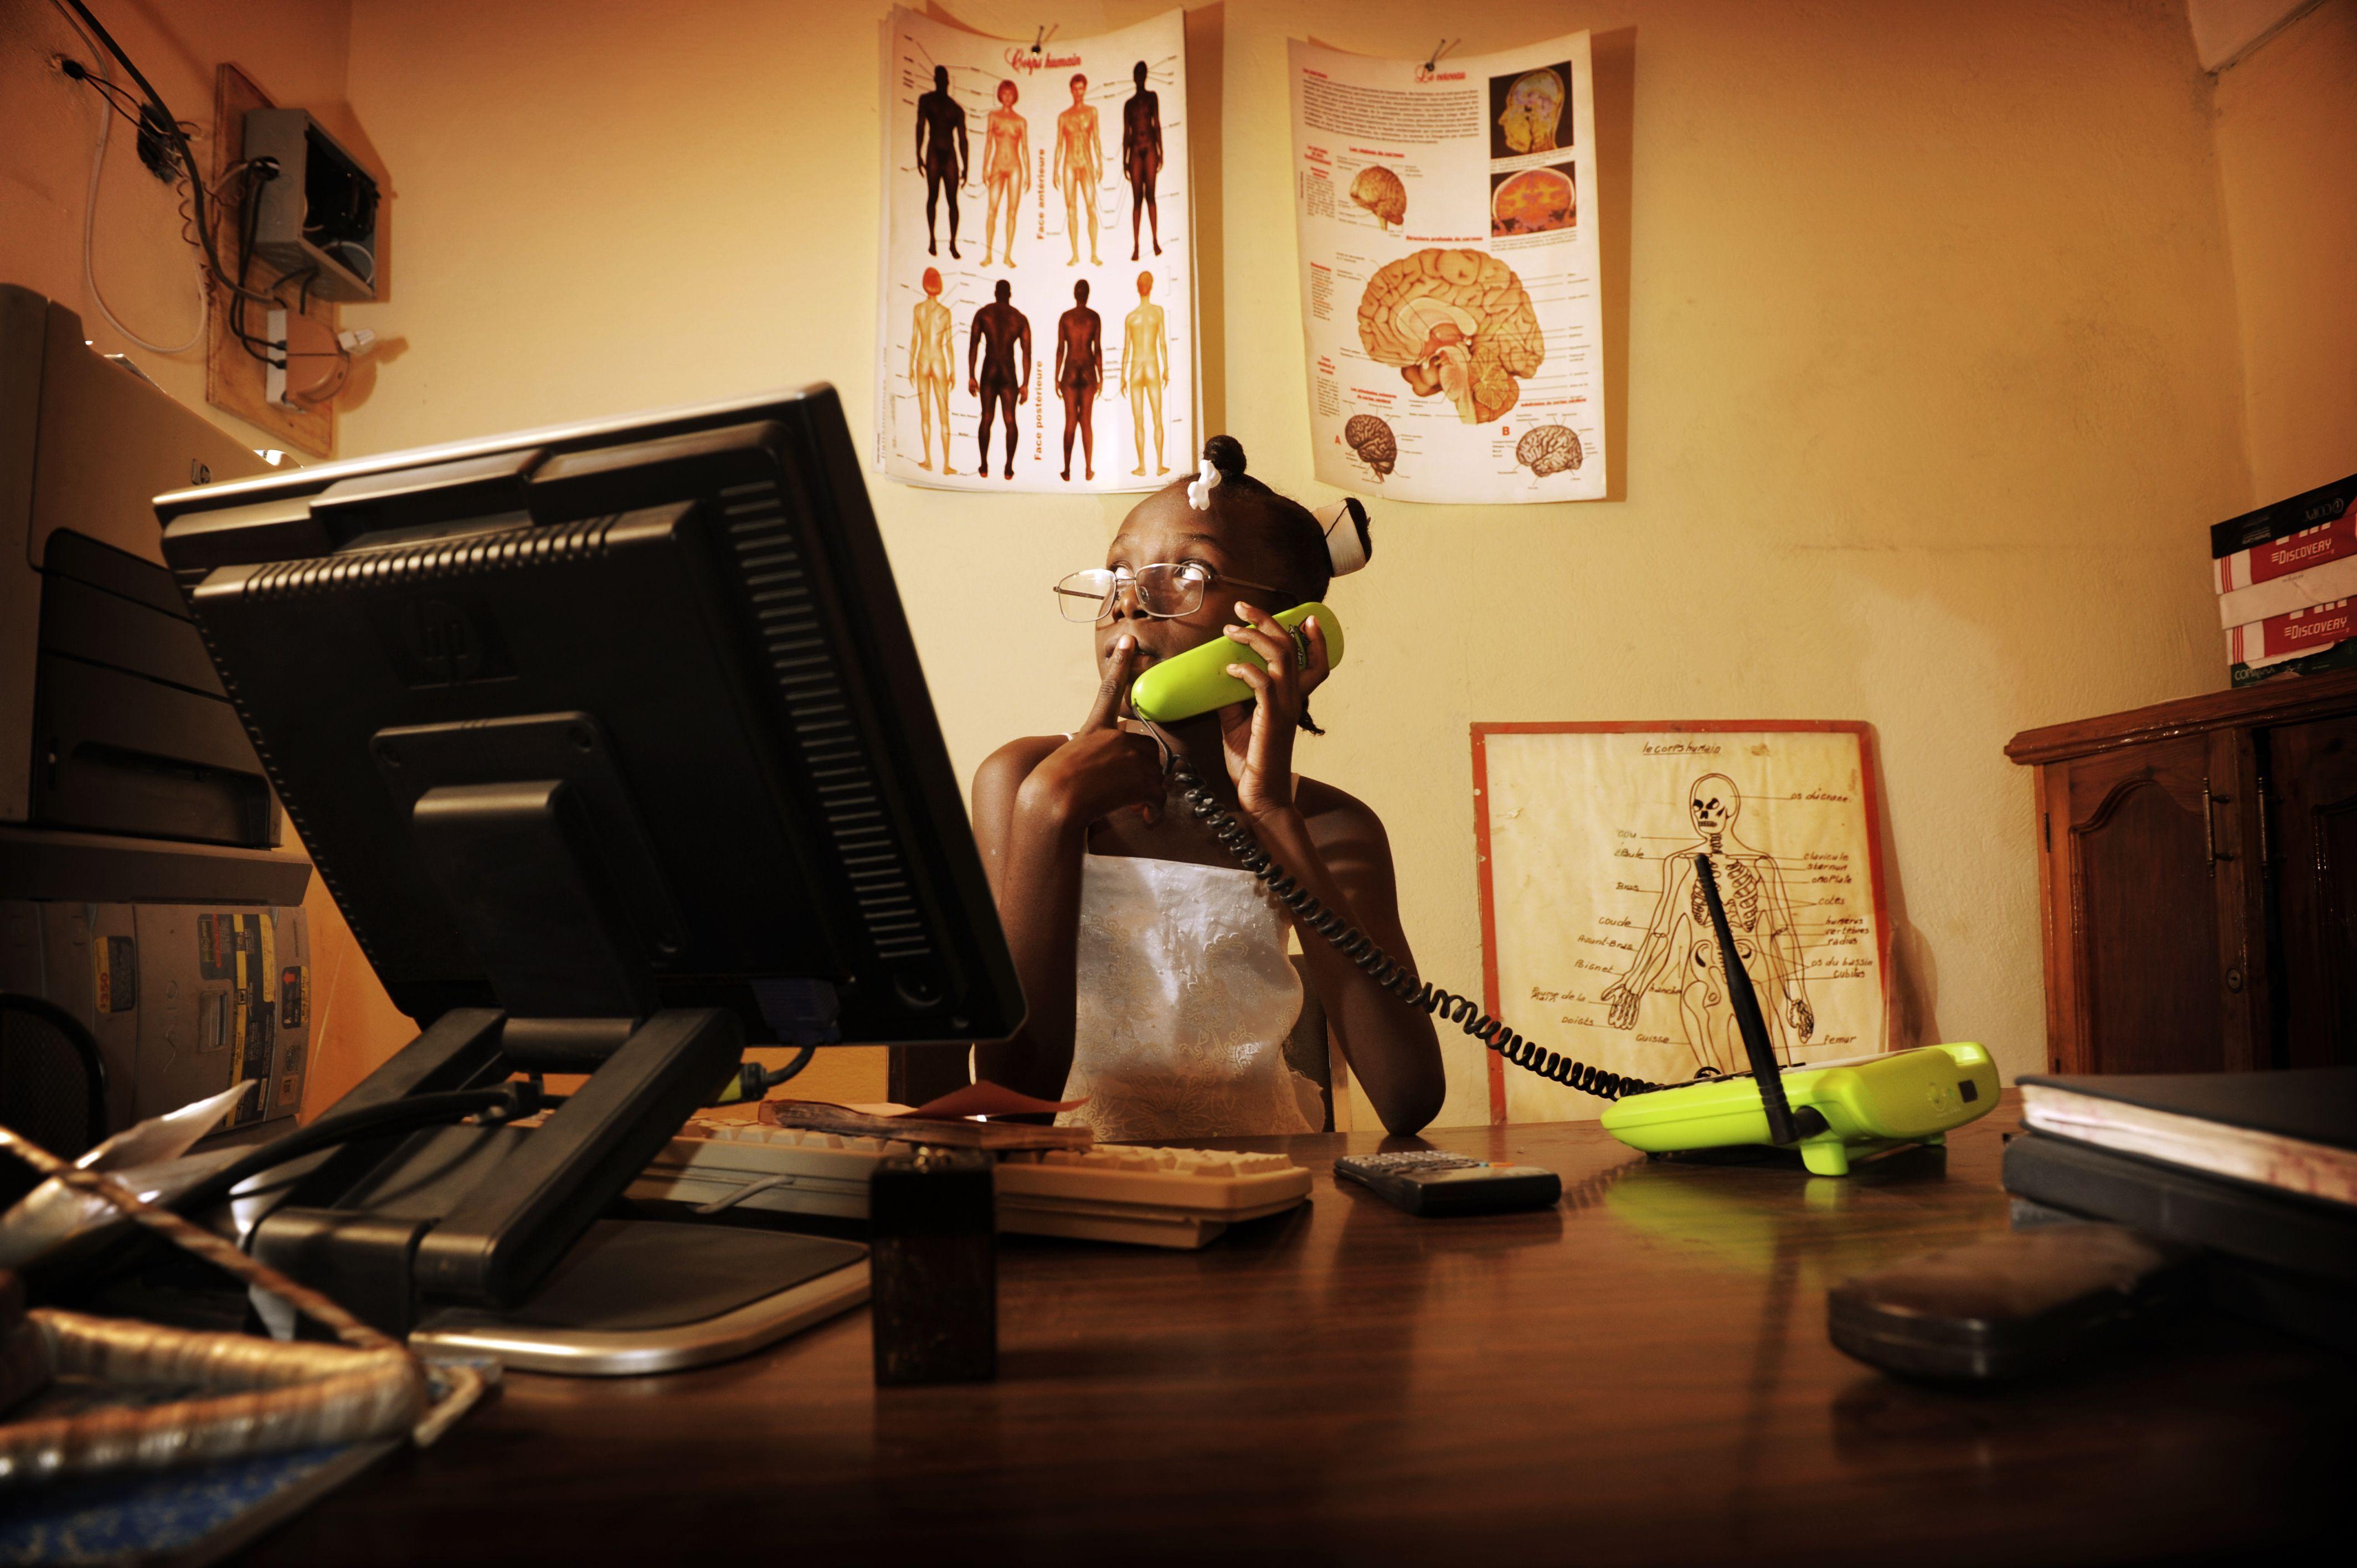 Korah Beauzier, 10 jaar, Haïti.  Ik heb een zus en woon bij mijn moeder. Mijn ouders zijn gescheiden. Mijn vader werkt in een fabriek en ik zie hem een keer per week. Ik zit in de 5de klas.   Ik wil directrice van een ziekenhuis worden. Ik wil heel graag voor alle mensen zorgen. Save the Children helpt dromen van kinderen te realiseren. Doe jij mee?    www.savethechildren.nl Photo: Chris de Bode